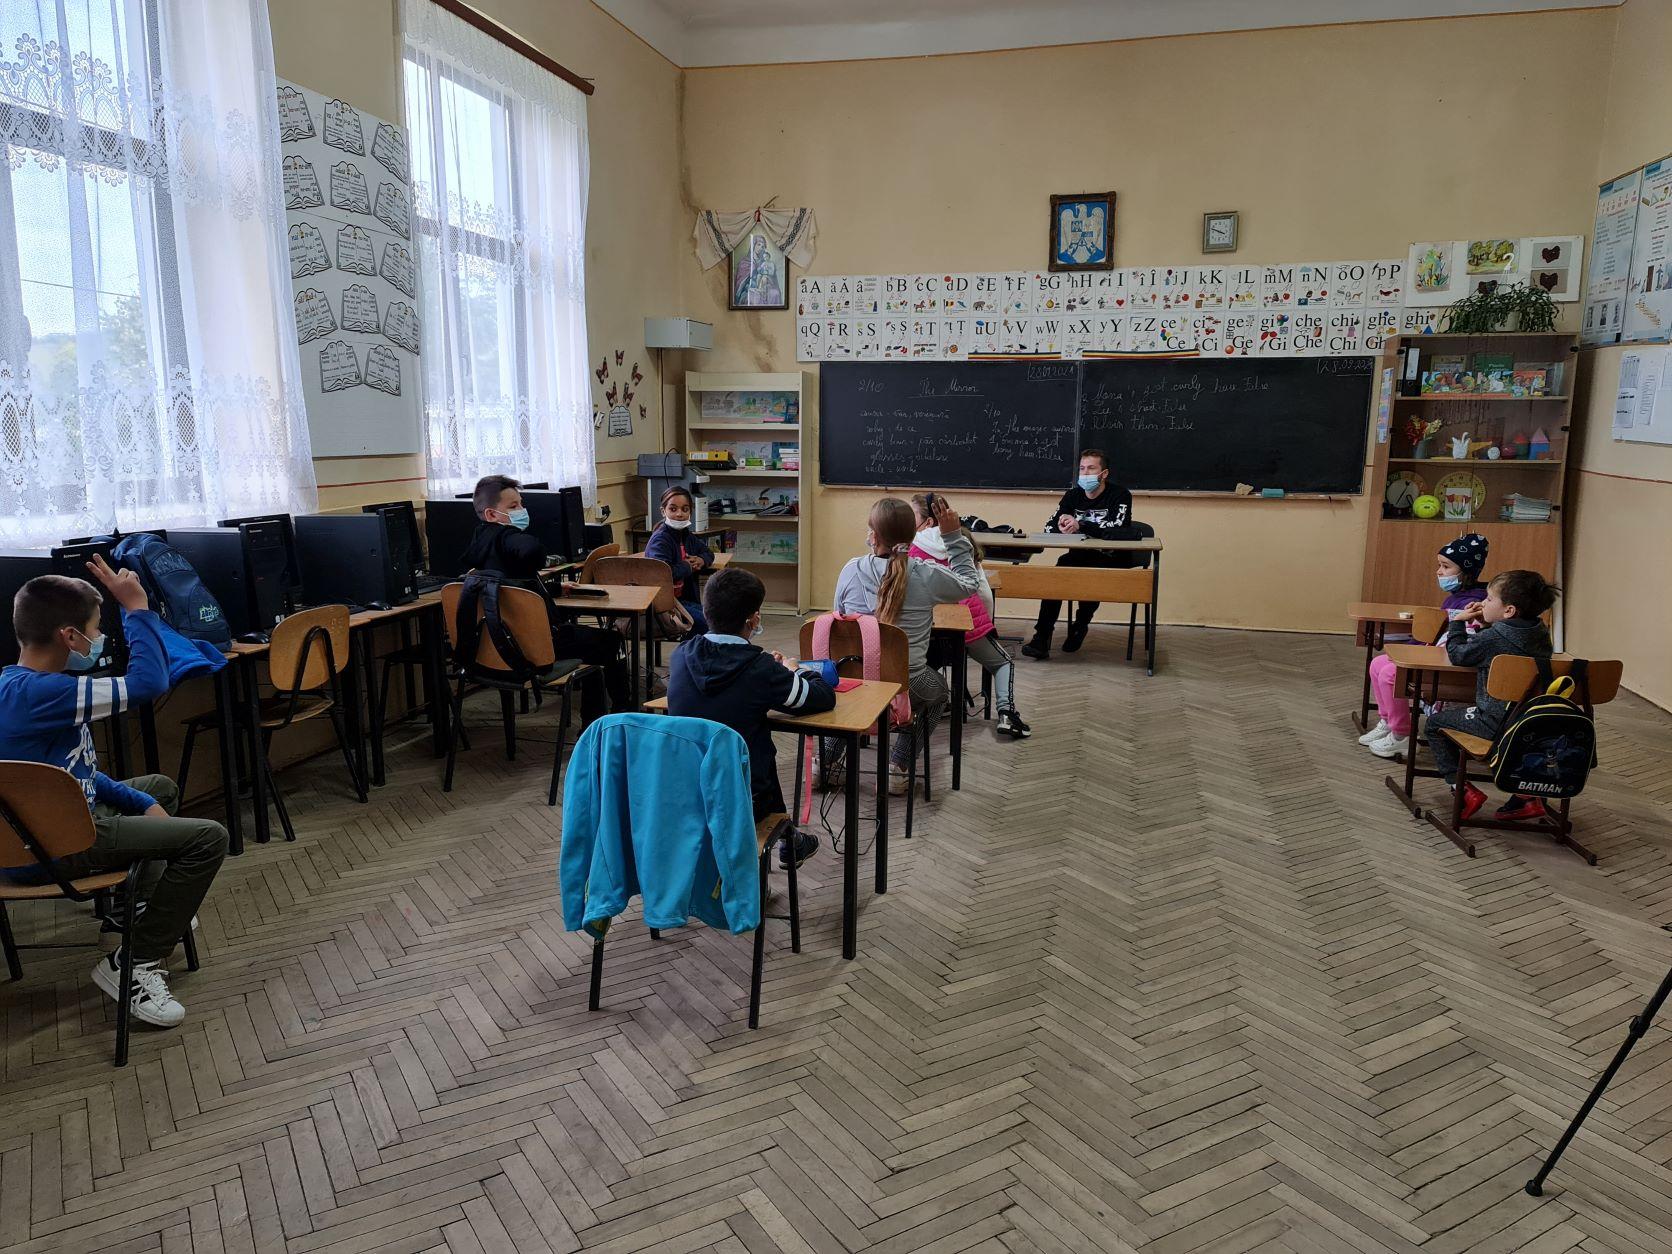 Am participat la orele elevilor din mediul rural și am aflat cum poate ajunge și acolo educația de calitate